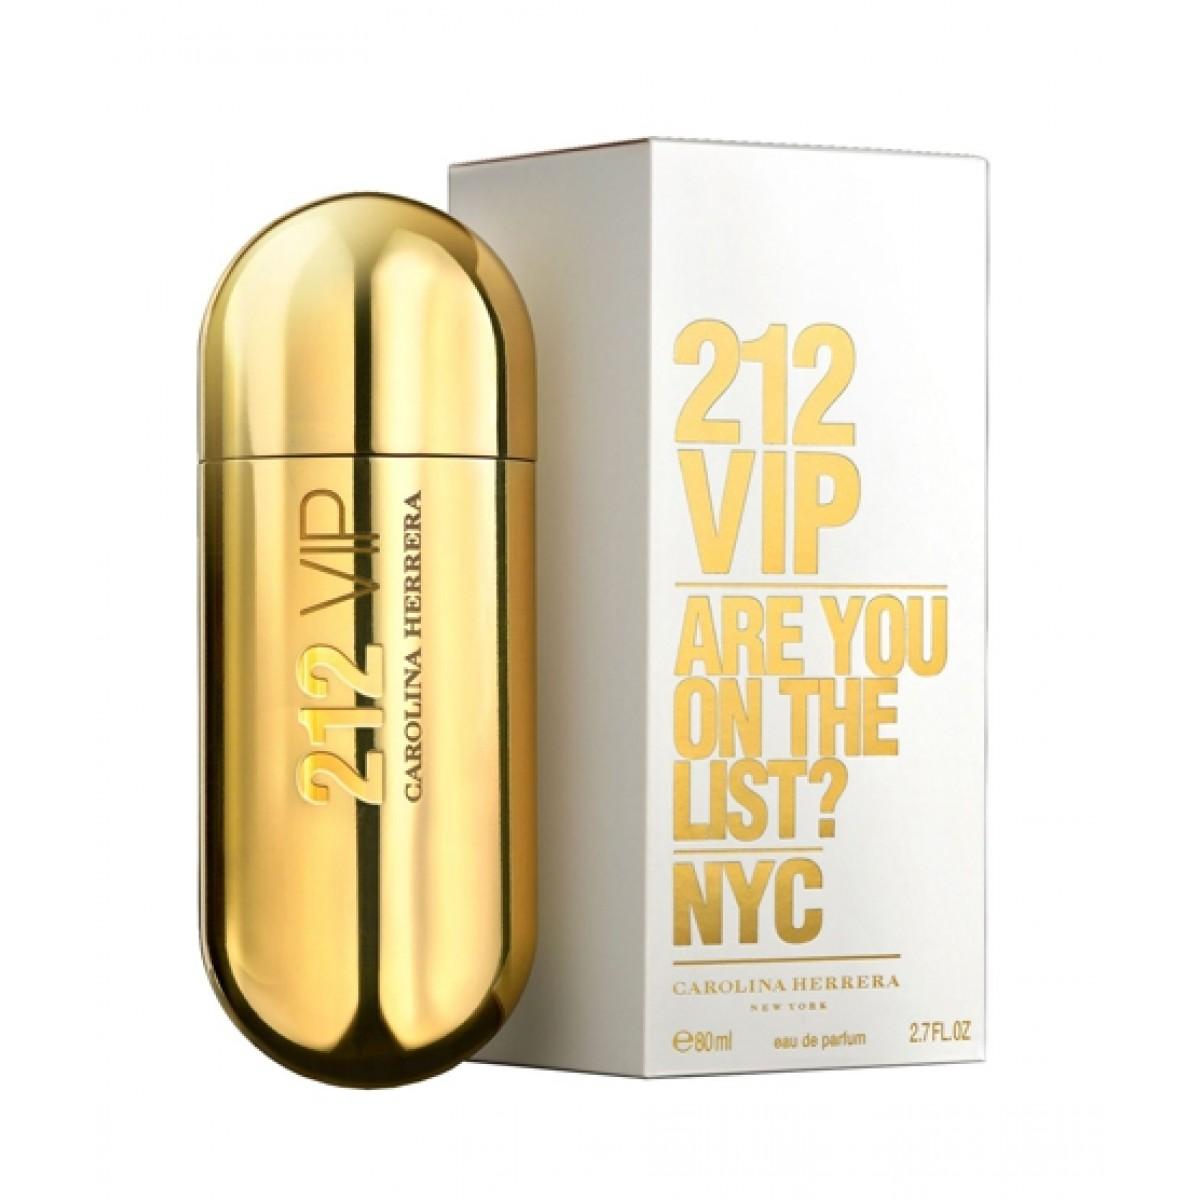 Carolina Herrera 212 VIP Eau De Parfum For Women 80ML